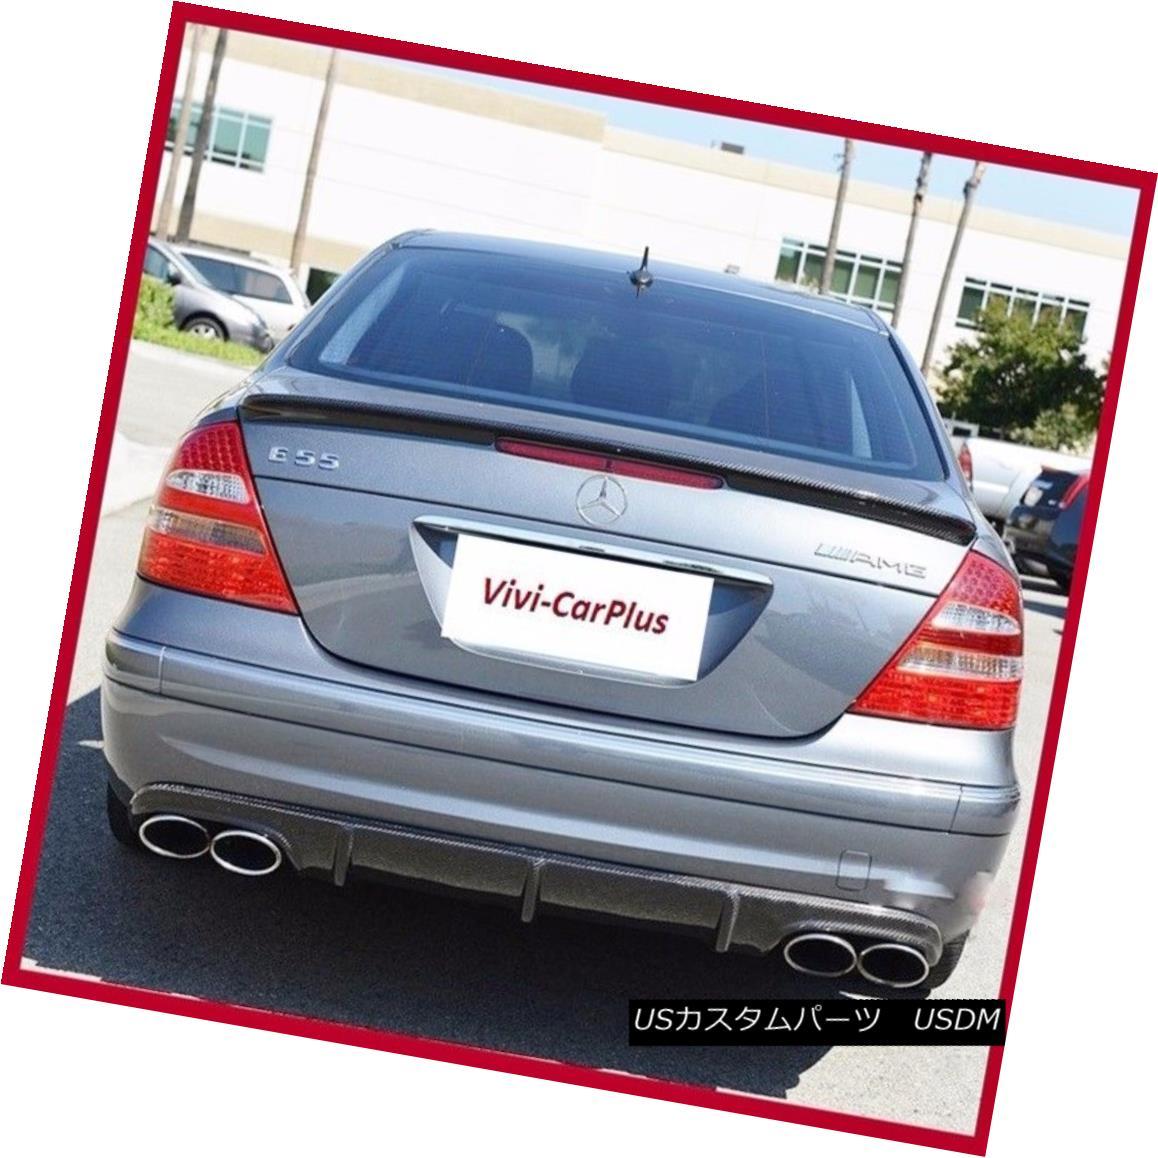 エアロパーツ Carbon Fiber 03-09 M-BENZ W211 E320 E500 E550 E55 E63 A Type Trunk Boot Spoiler カーボンファイバー03-09 M-BENZ W211 E320 E500 E550 E55 E63タイプトランクブーツスポイラー